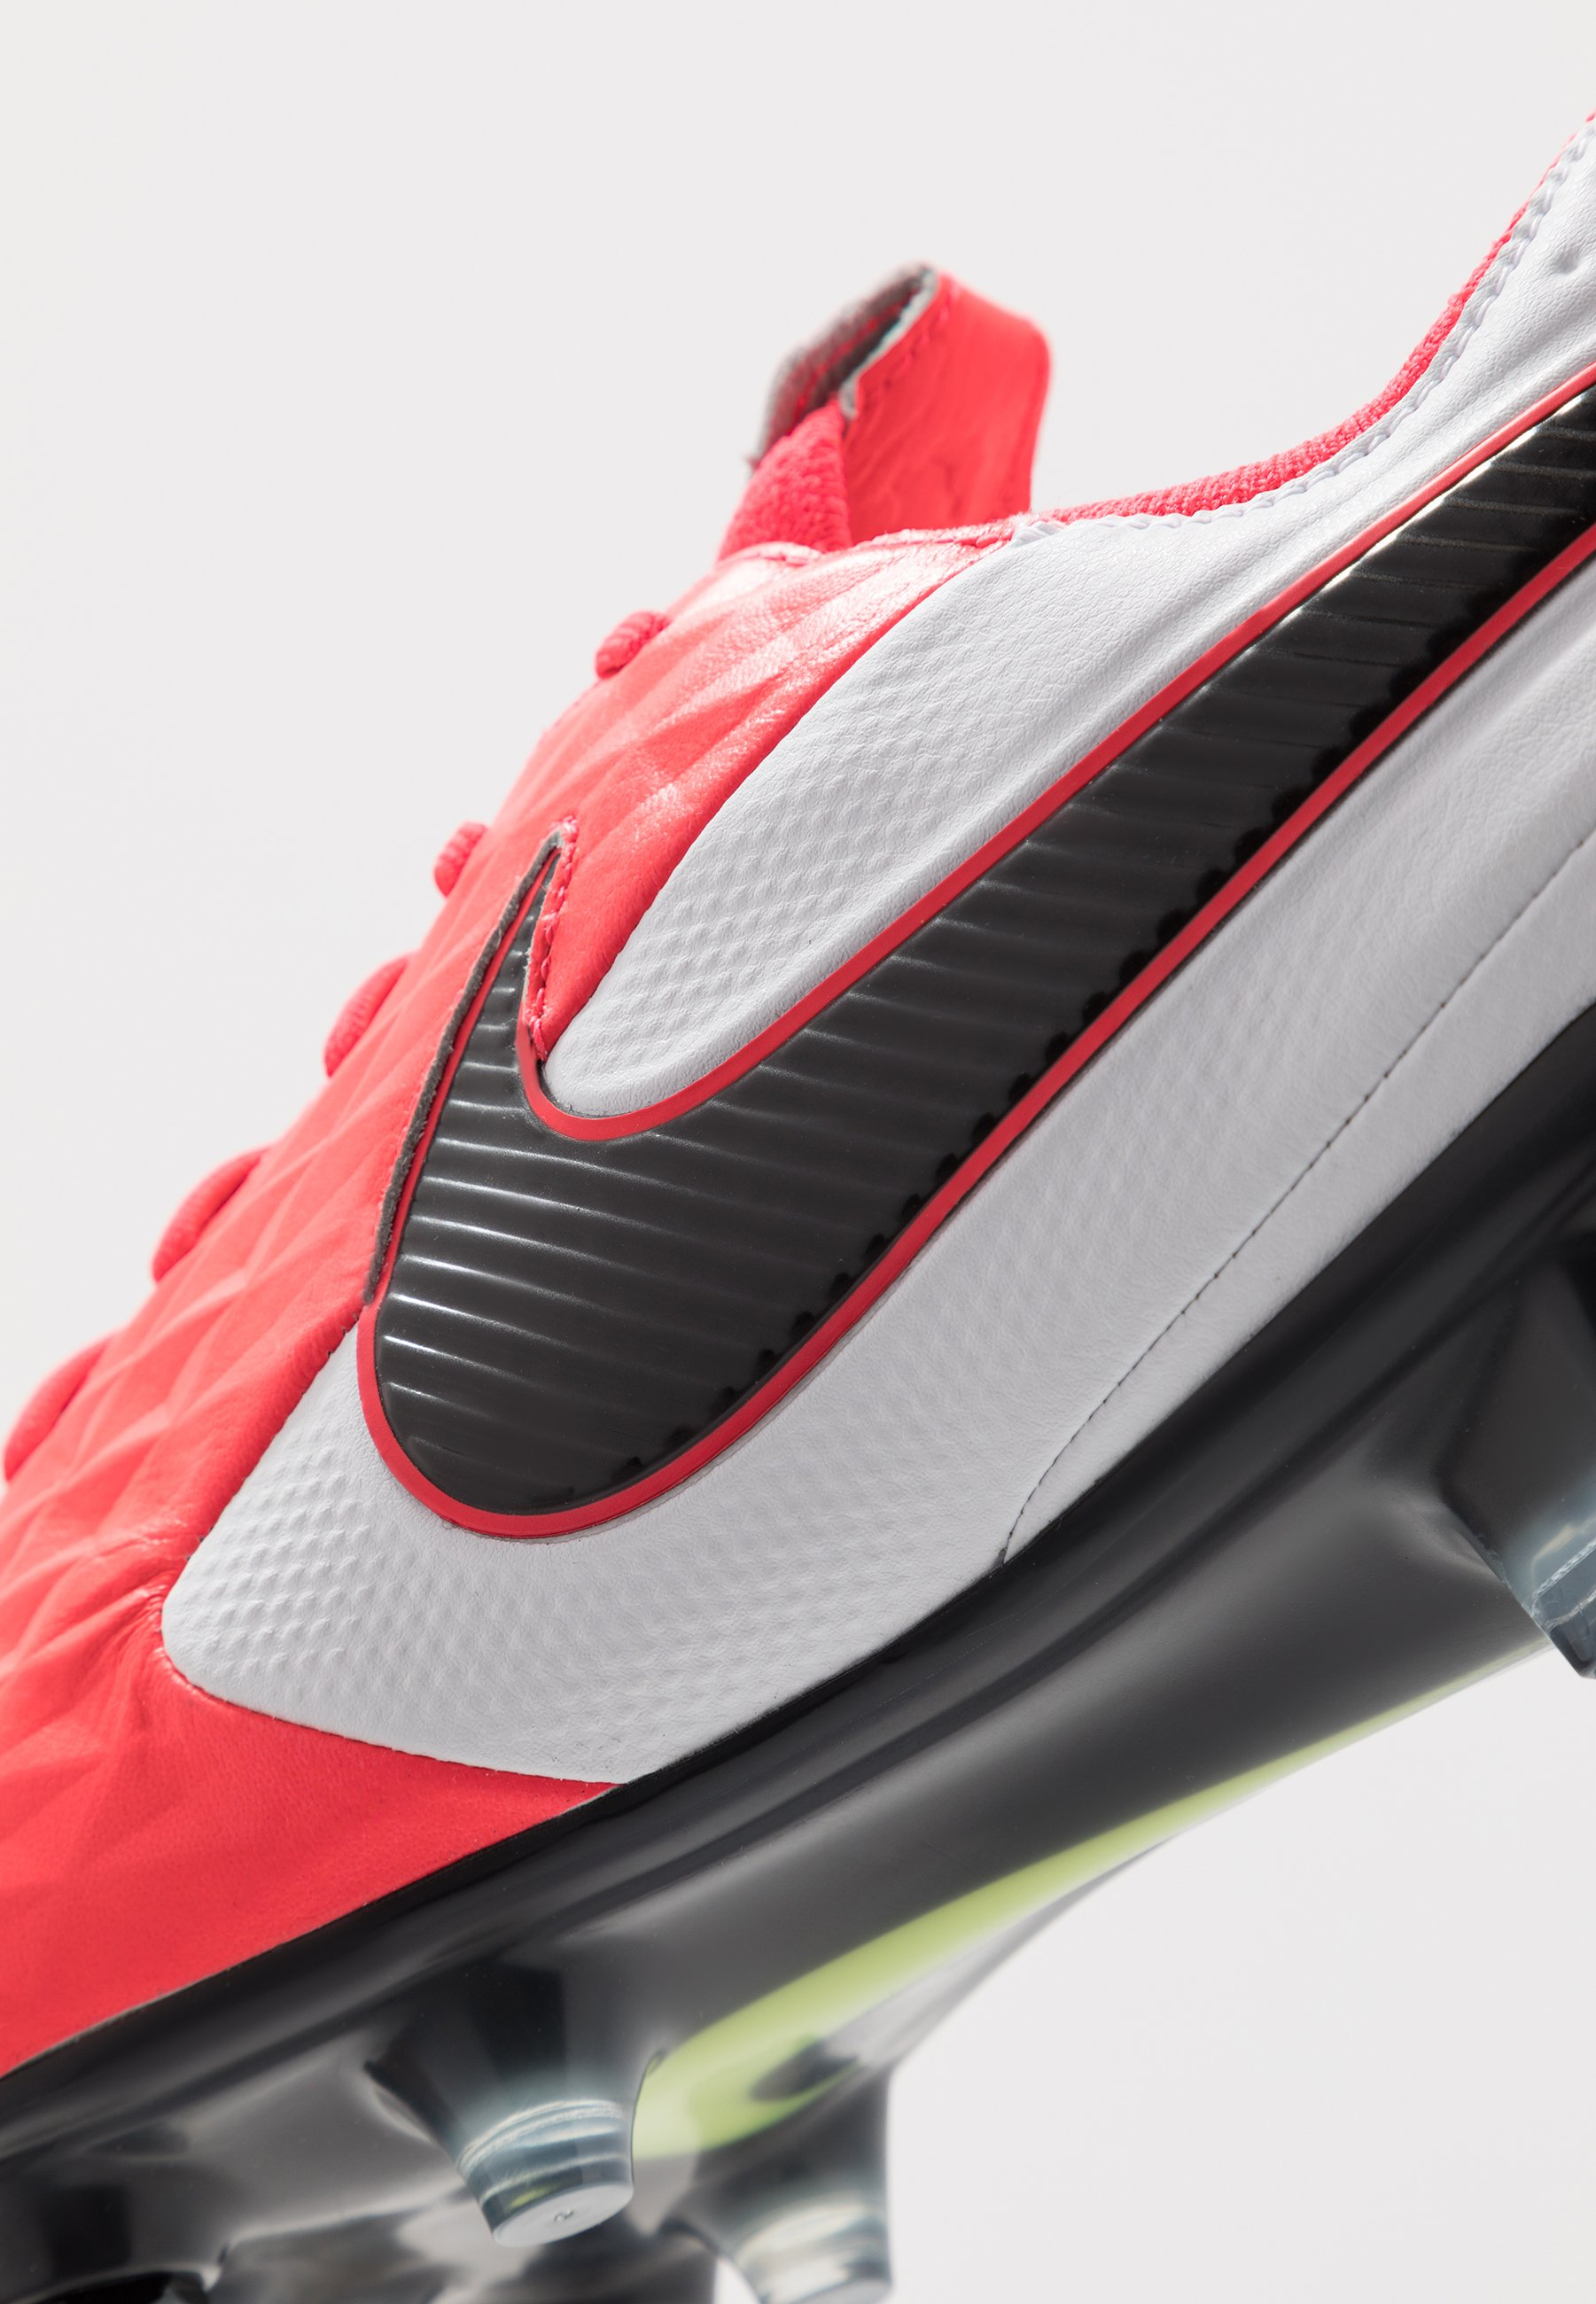 Nike Performance Tiempo Legend 8 Elite Sg-pro Ac - Scarpe Da Calcio Con Tacchetti Laser Crimson/black/white